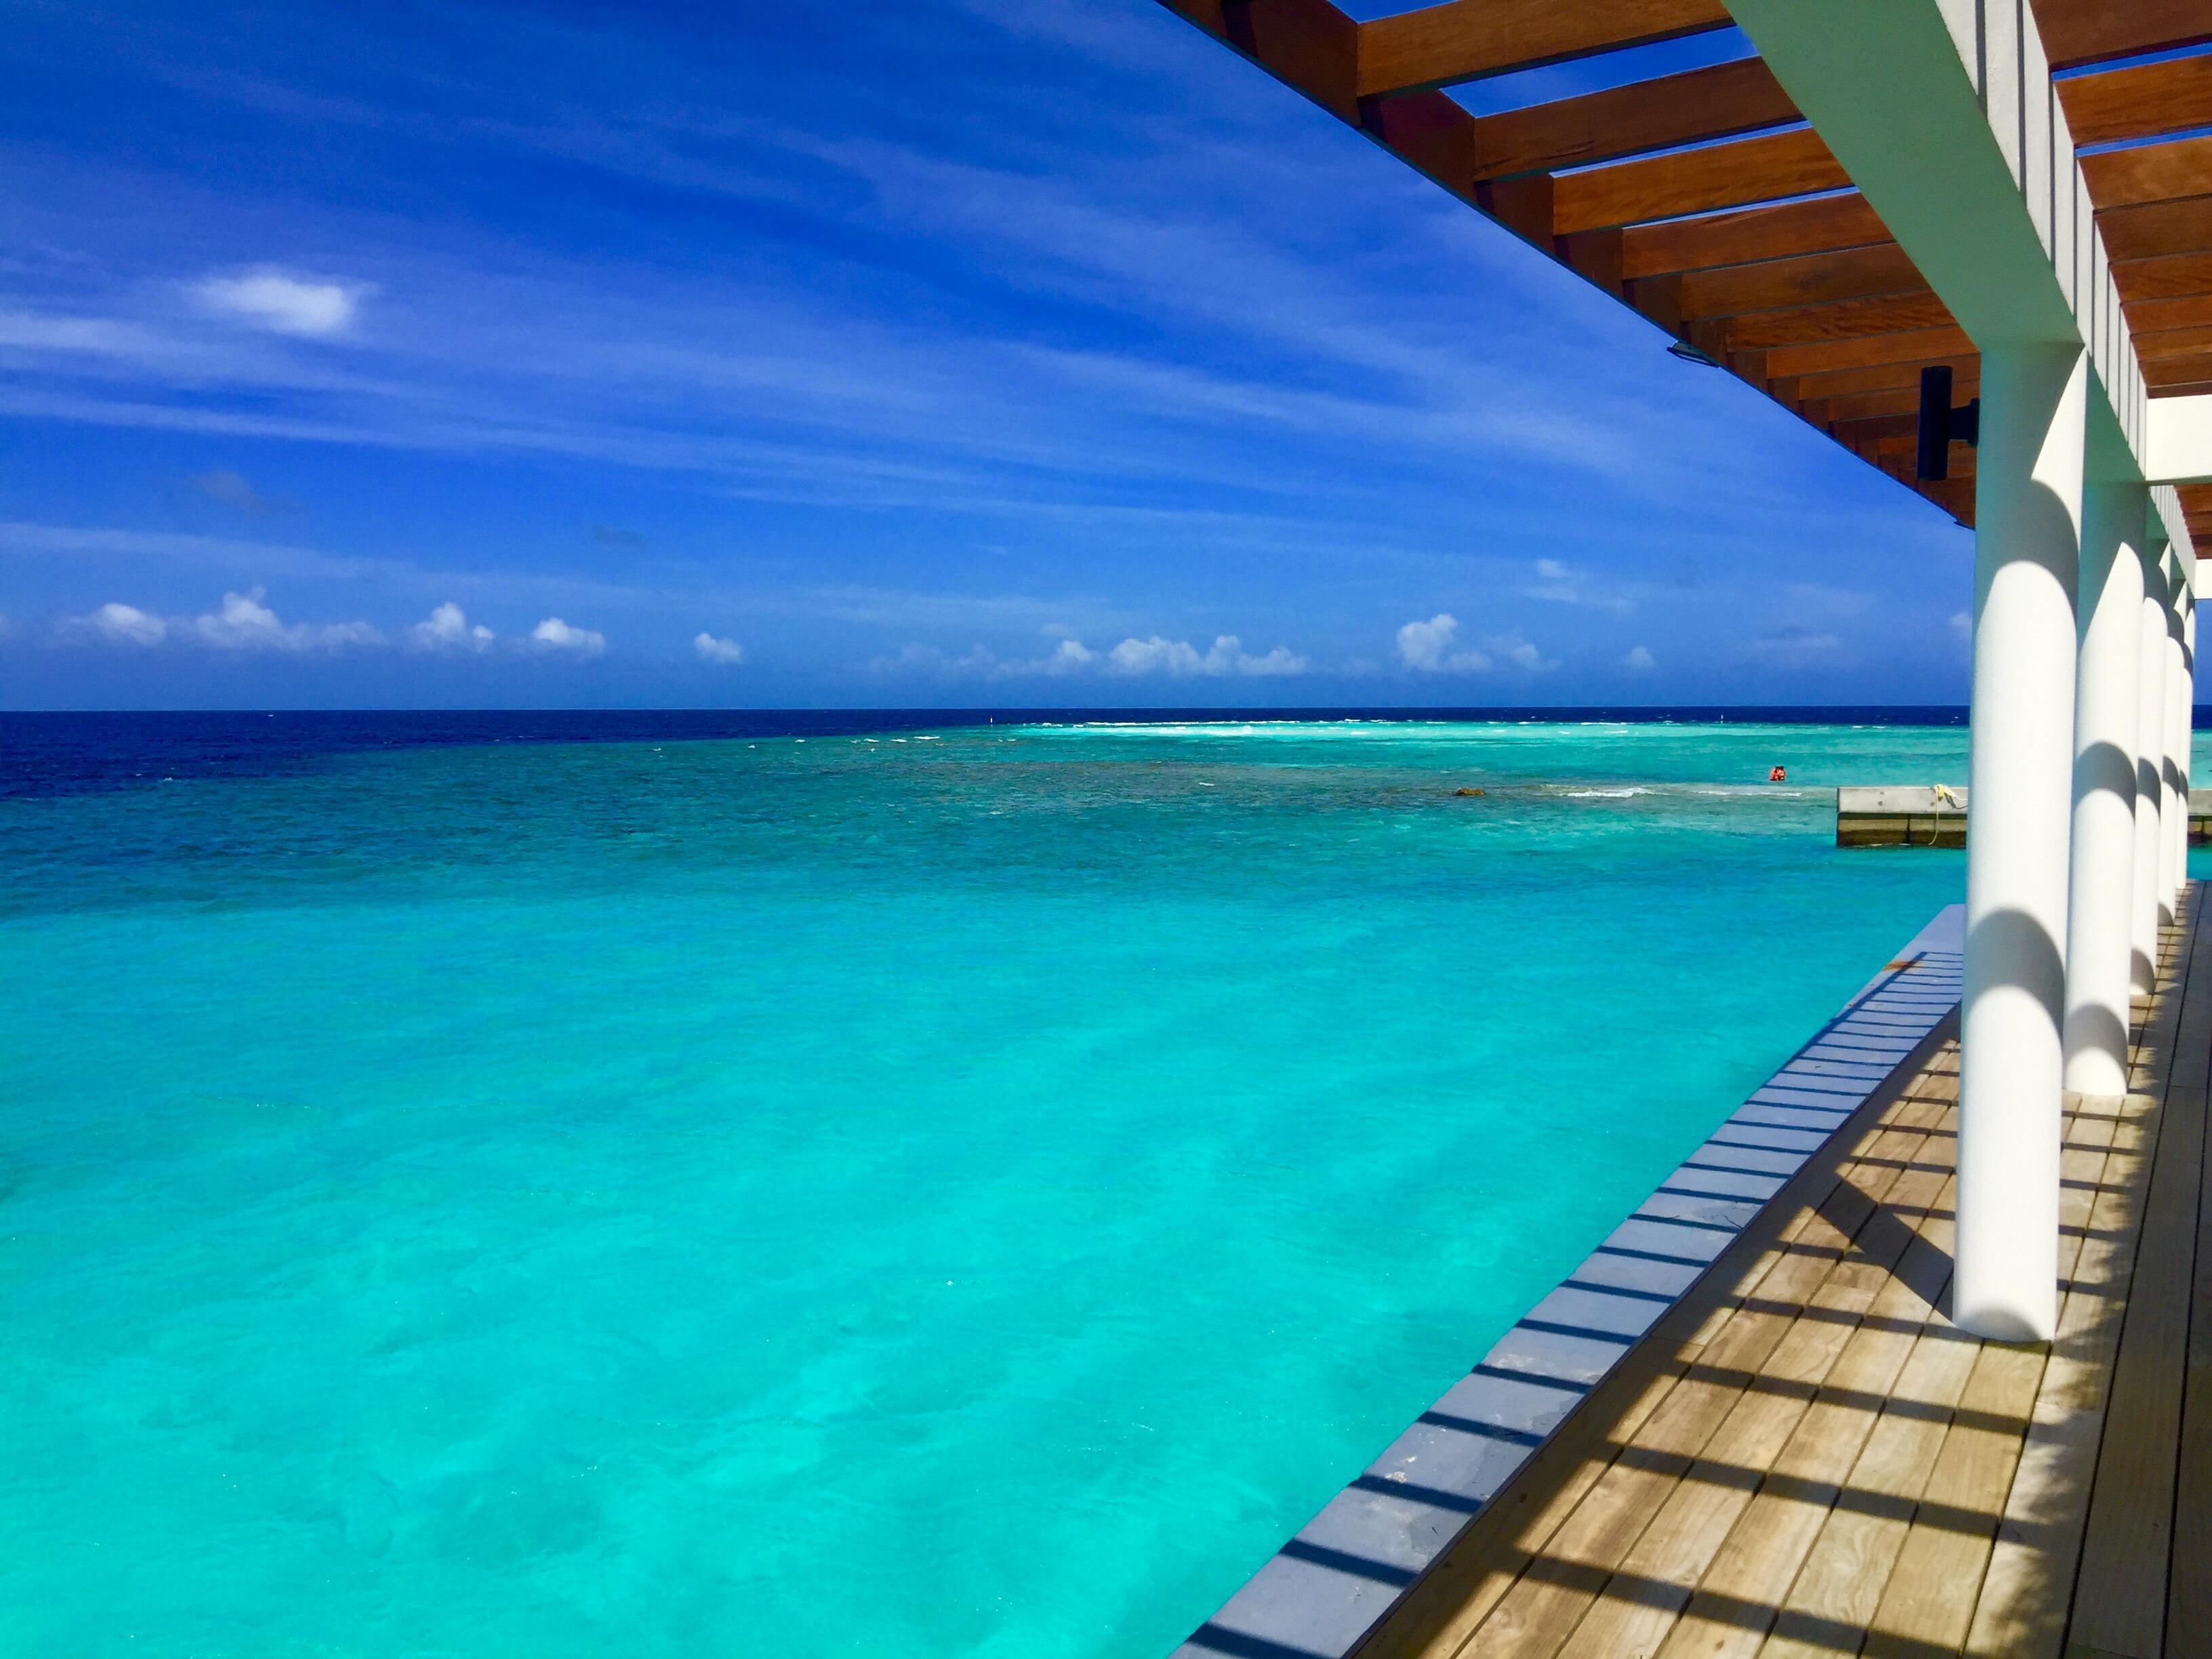 OBLU by Atmosphere at Helengeli Maldives Malediven Reiseblog ferntastisch